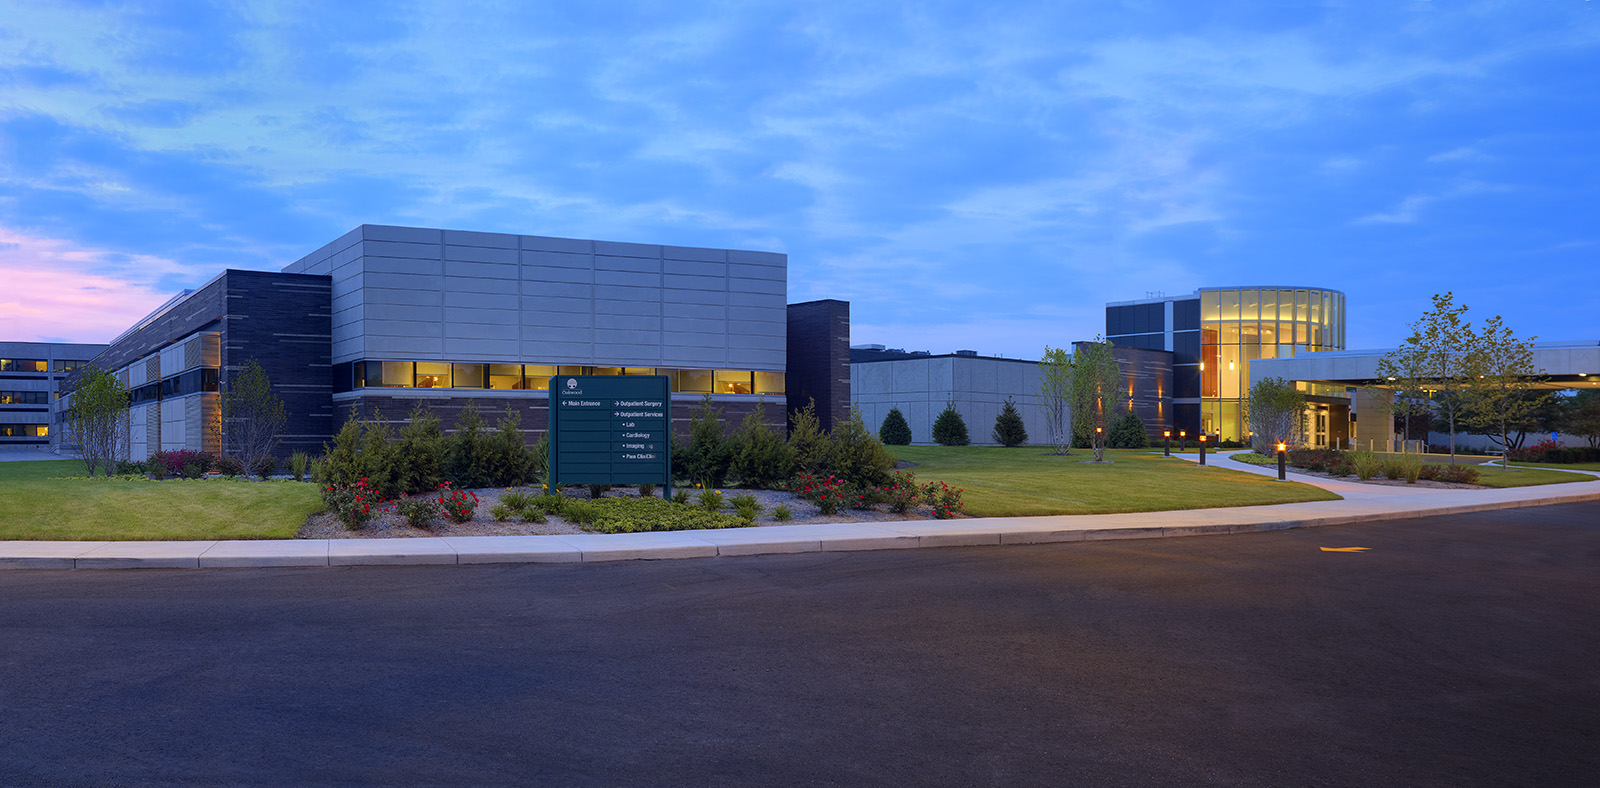 oakwood-heritage-hospital-exterior